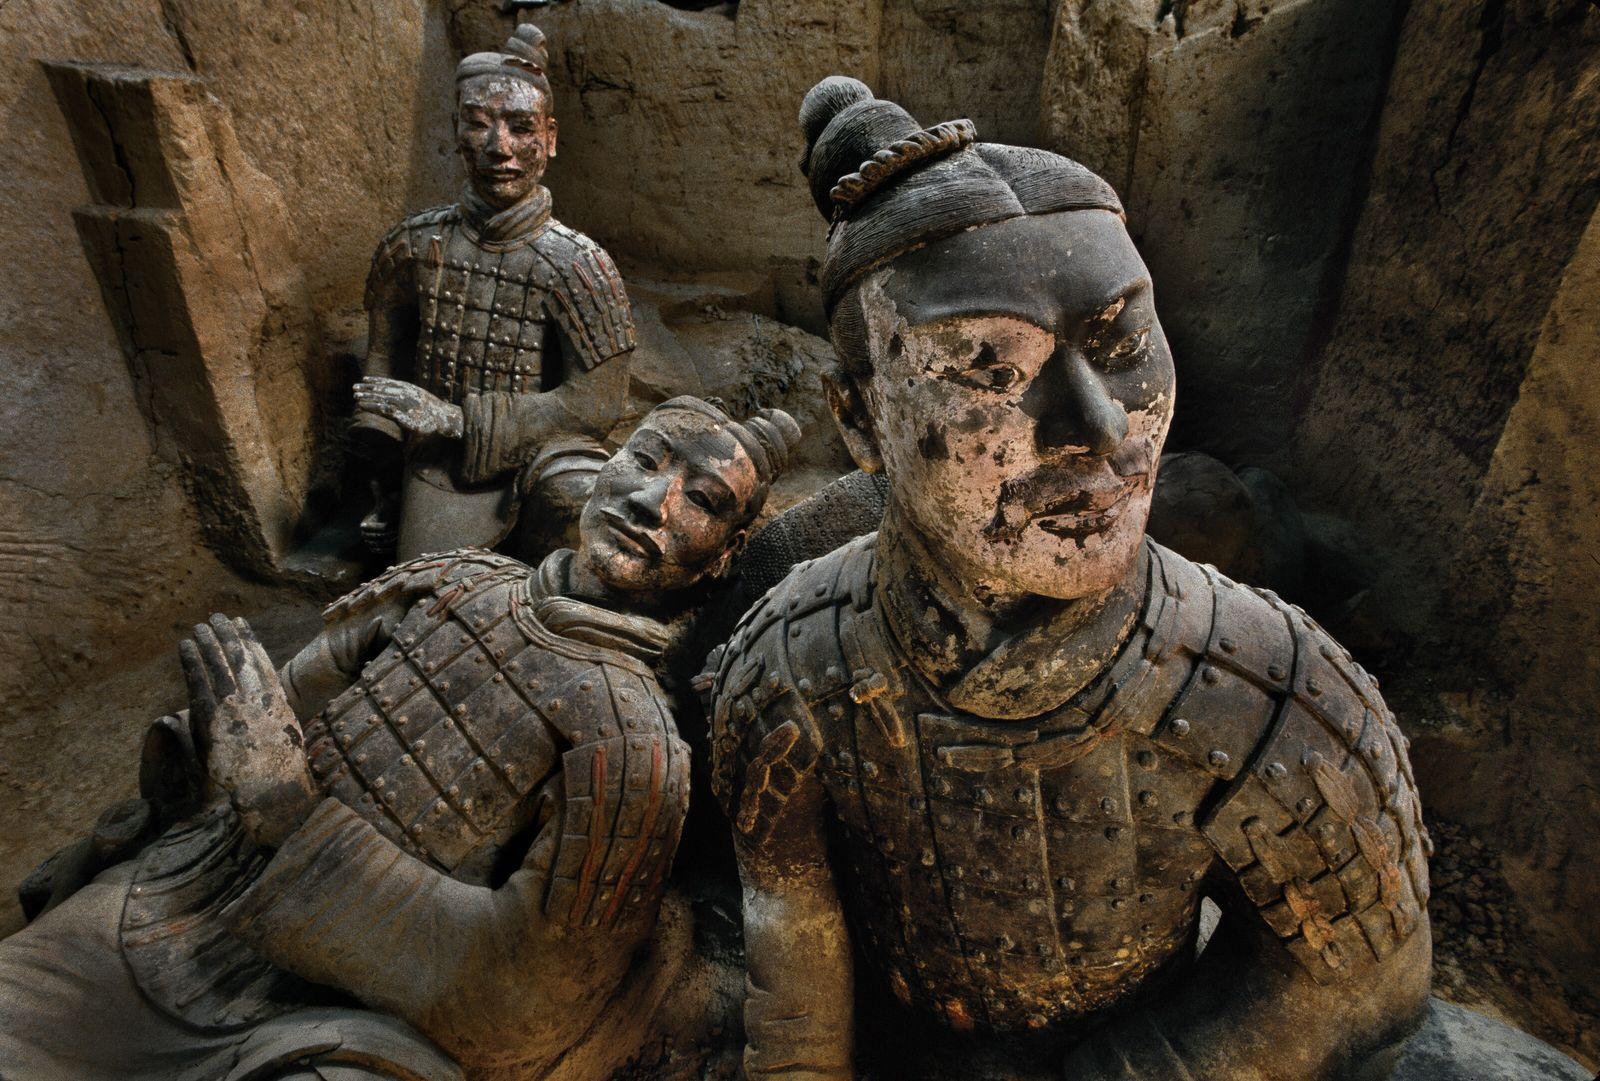 Ausgrabungen in aller Welt haben unser Wissen über die Geschichte der Menschheit radikal verändert. Dank modernster ...